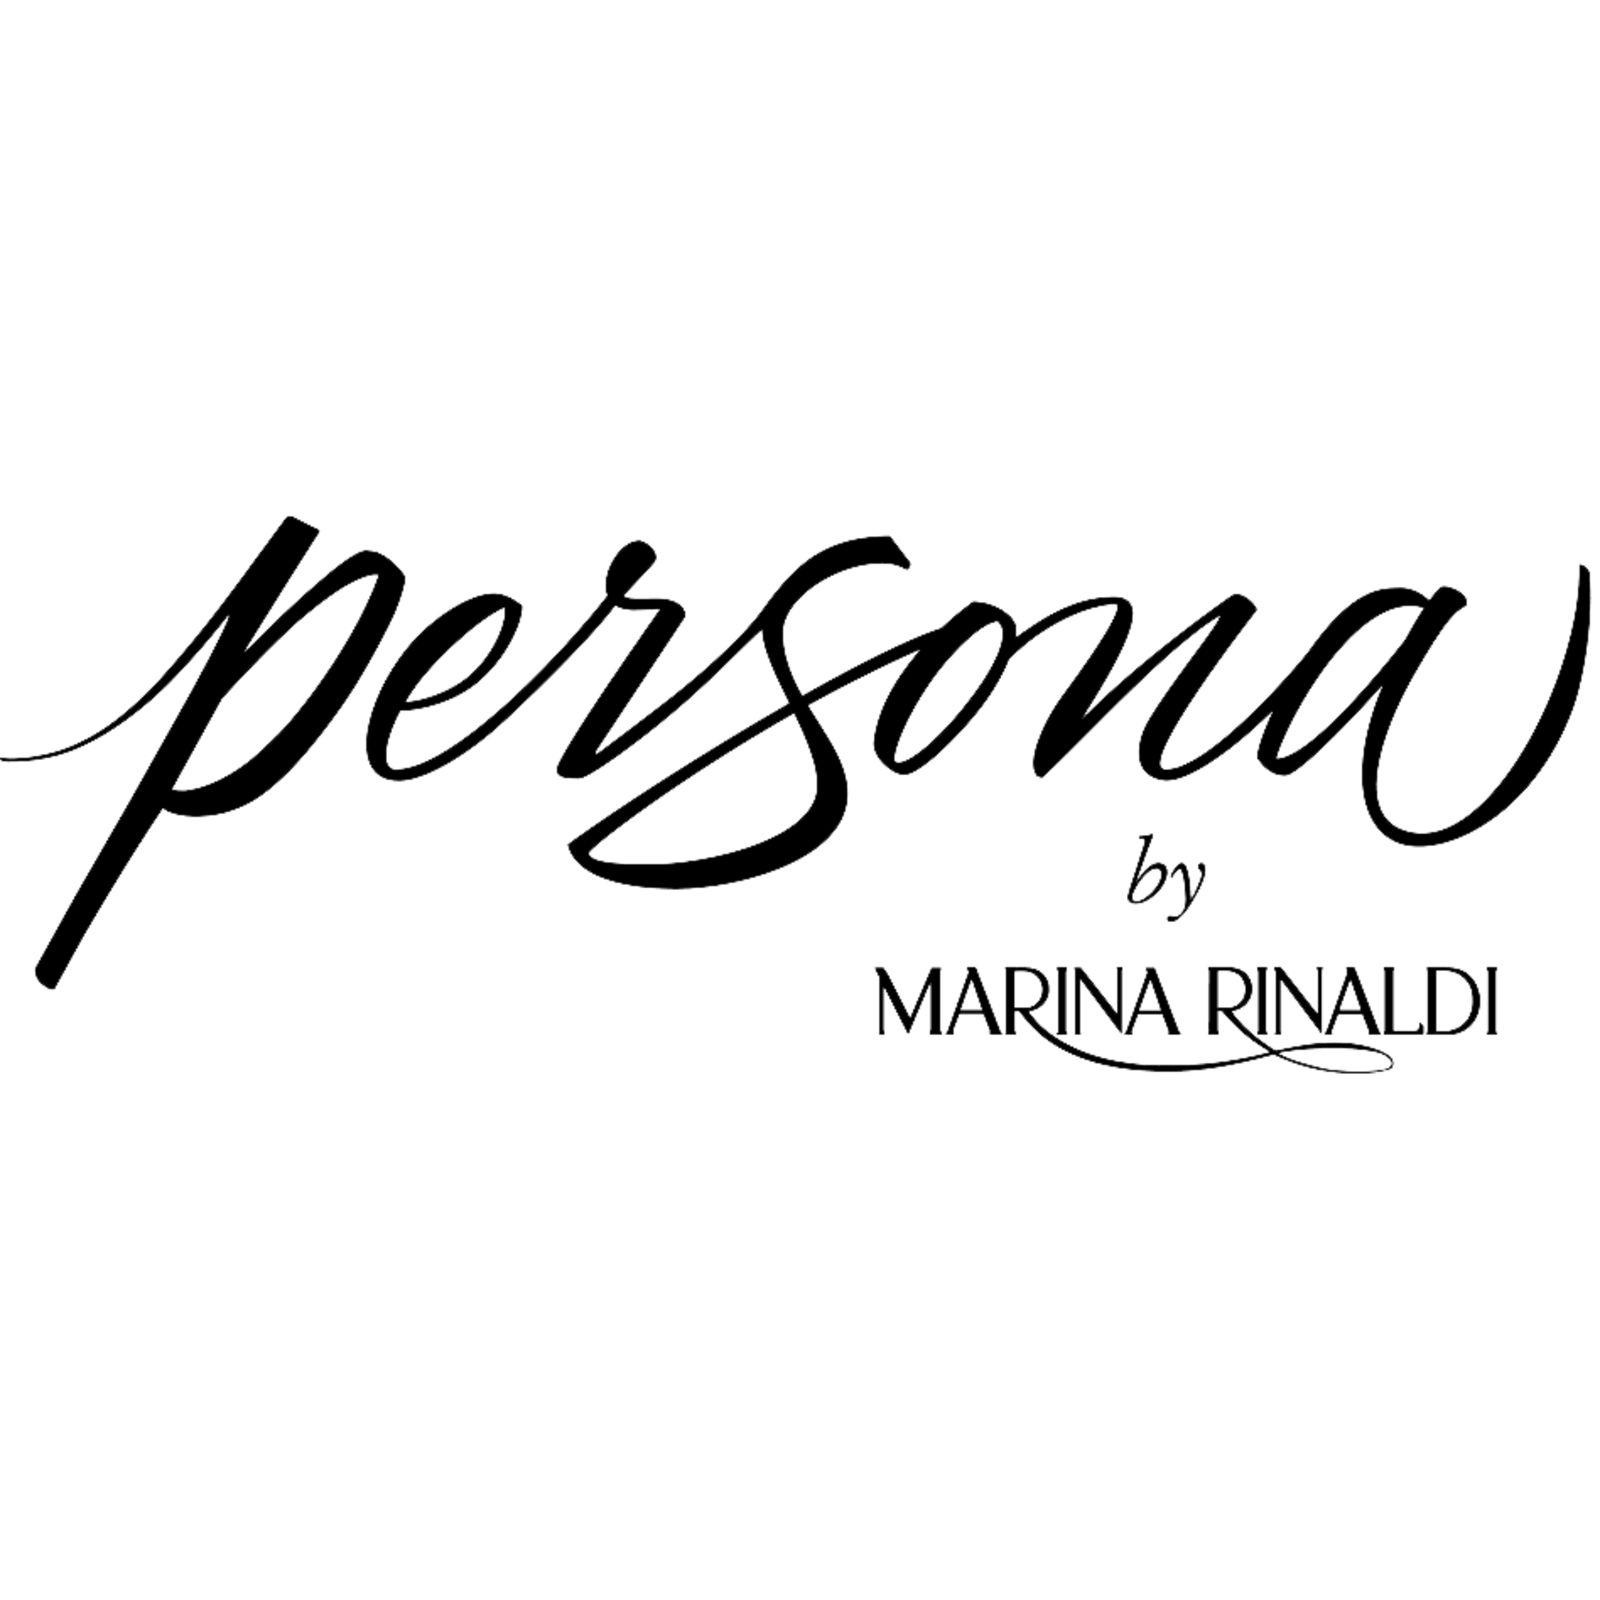 persona (Bild 1)